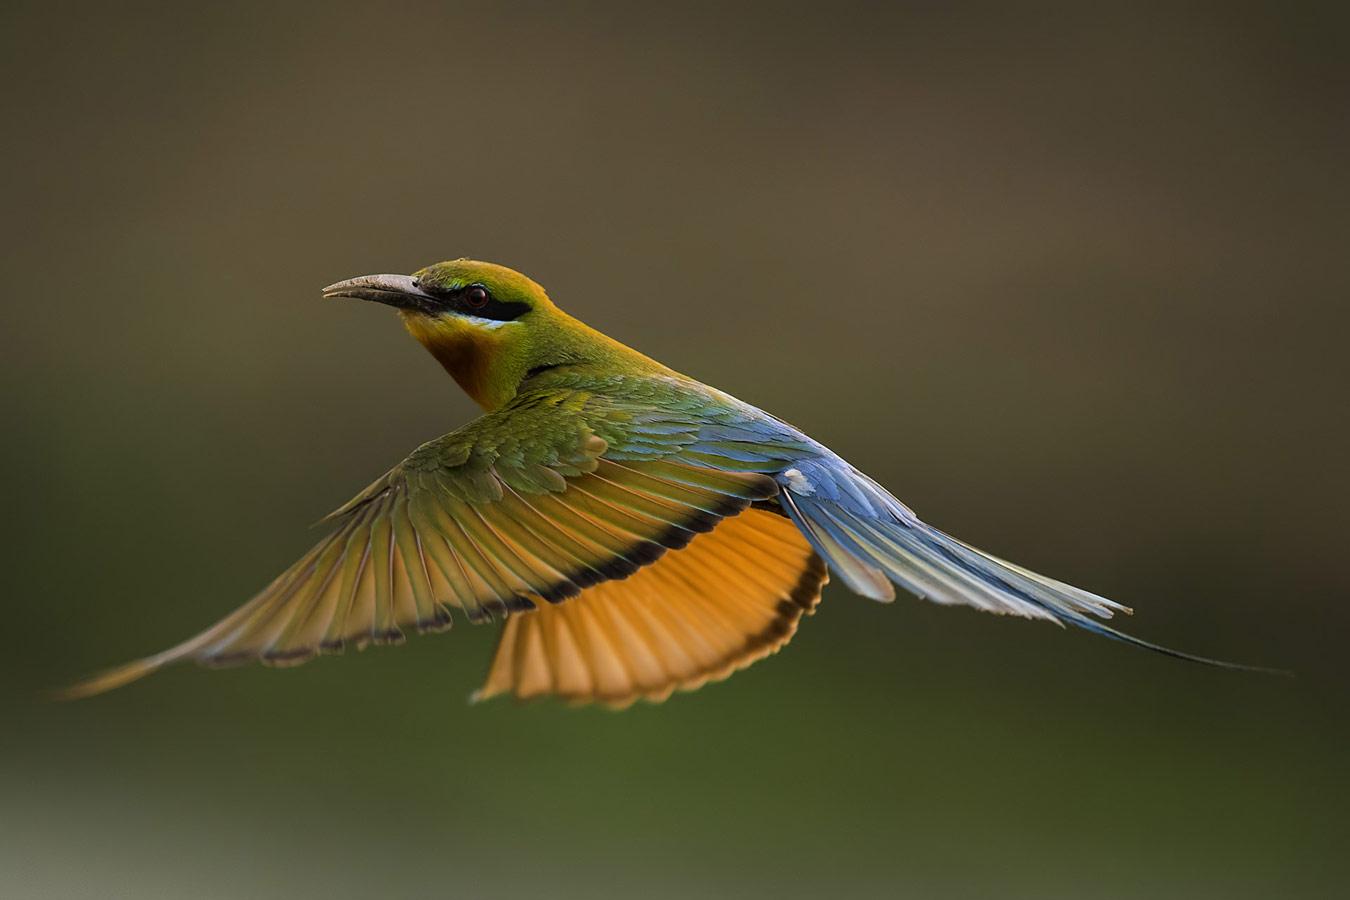 Каллол Михерджи / Kallol Mukherjee, Западная Бенгалия, Индия, Почётная оценка в категории «Птицы», Фотоконкурс «Лучшая природная фотография Азии» — Nature's Best Photography Asia